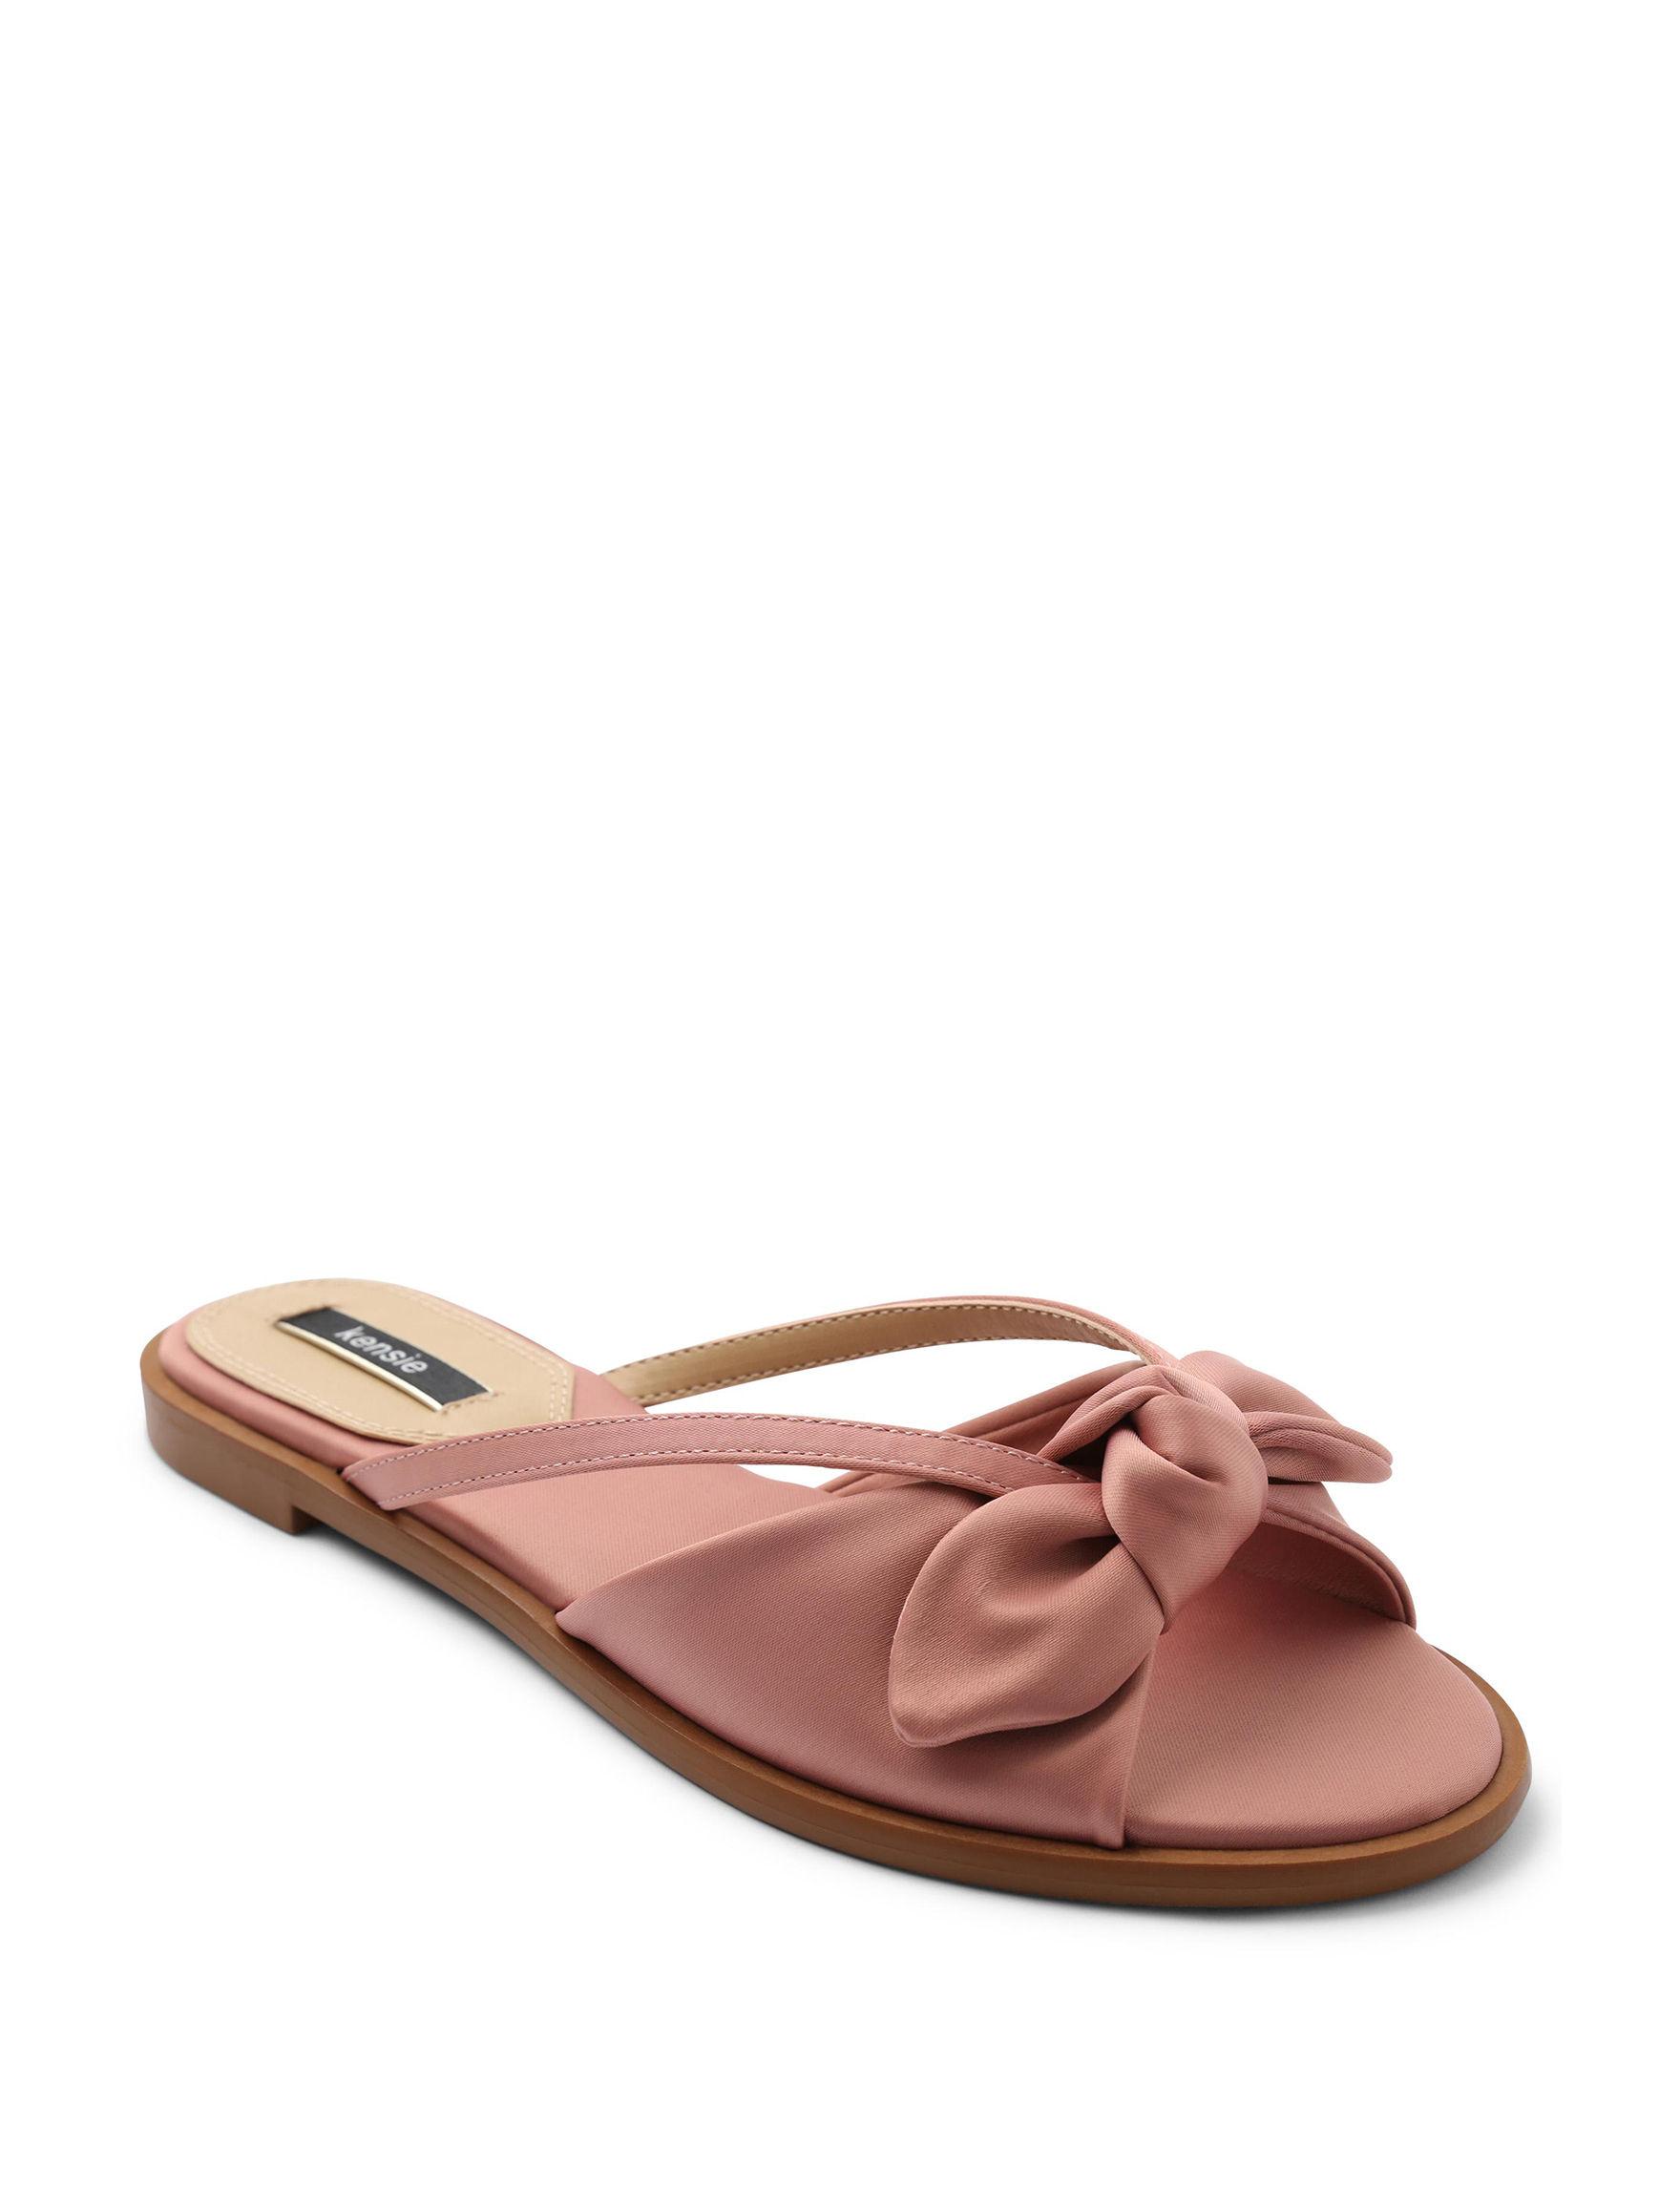 Kensie Blush Flat Sandals